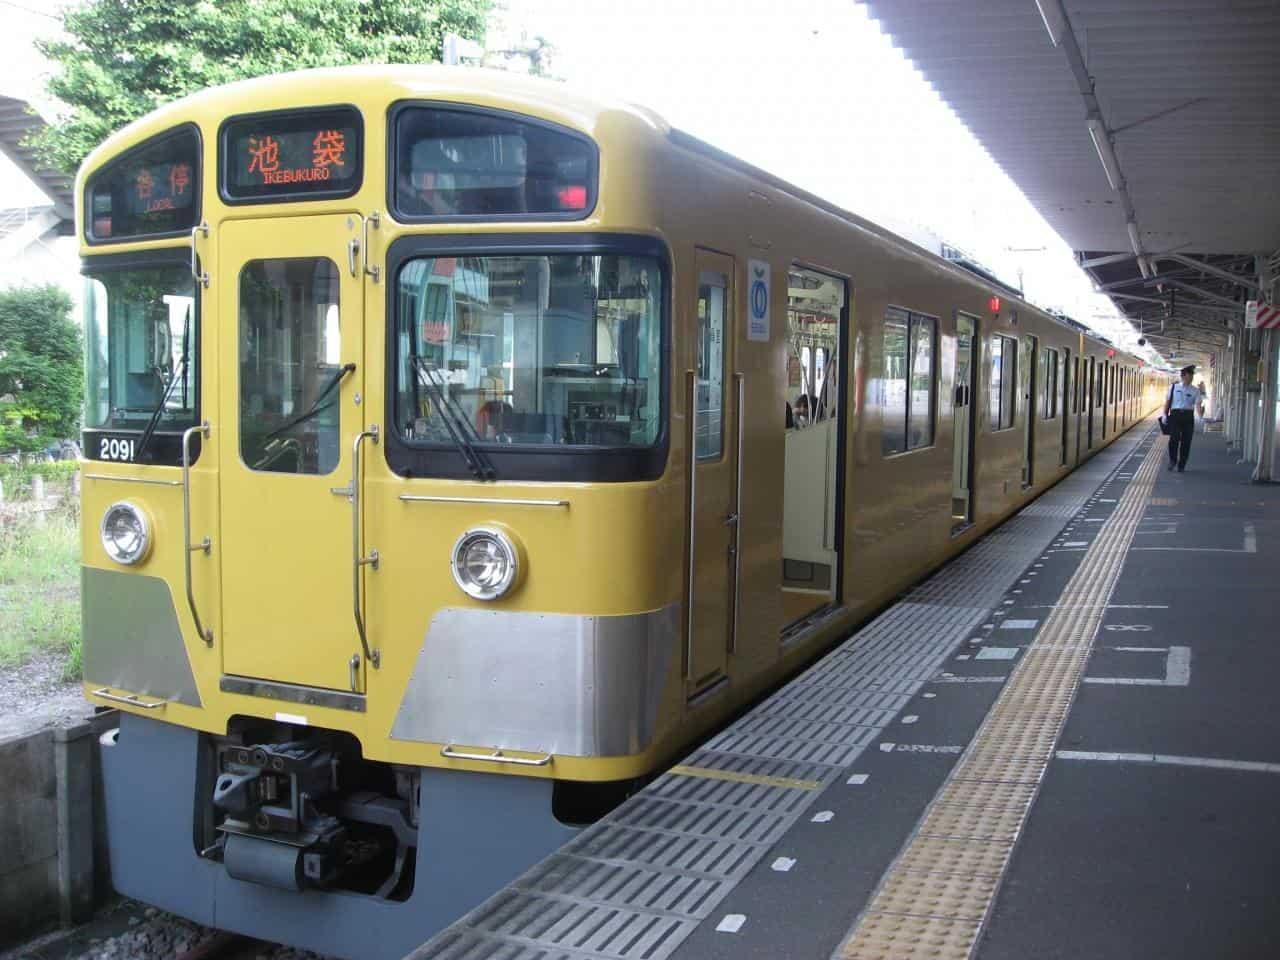 รถไฟไปสถานีอิเคะบุคุโระที่จอดอยู่ที่สถานีโทชิมะเอ็น